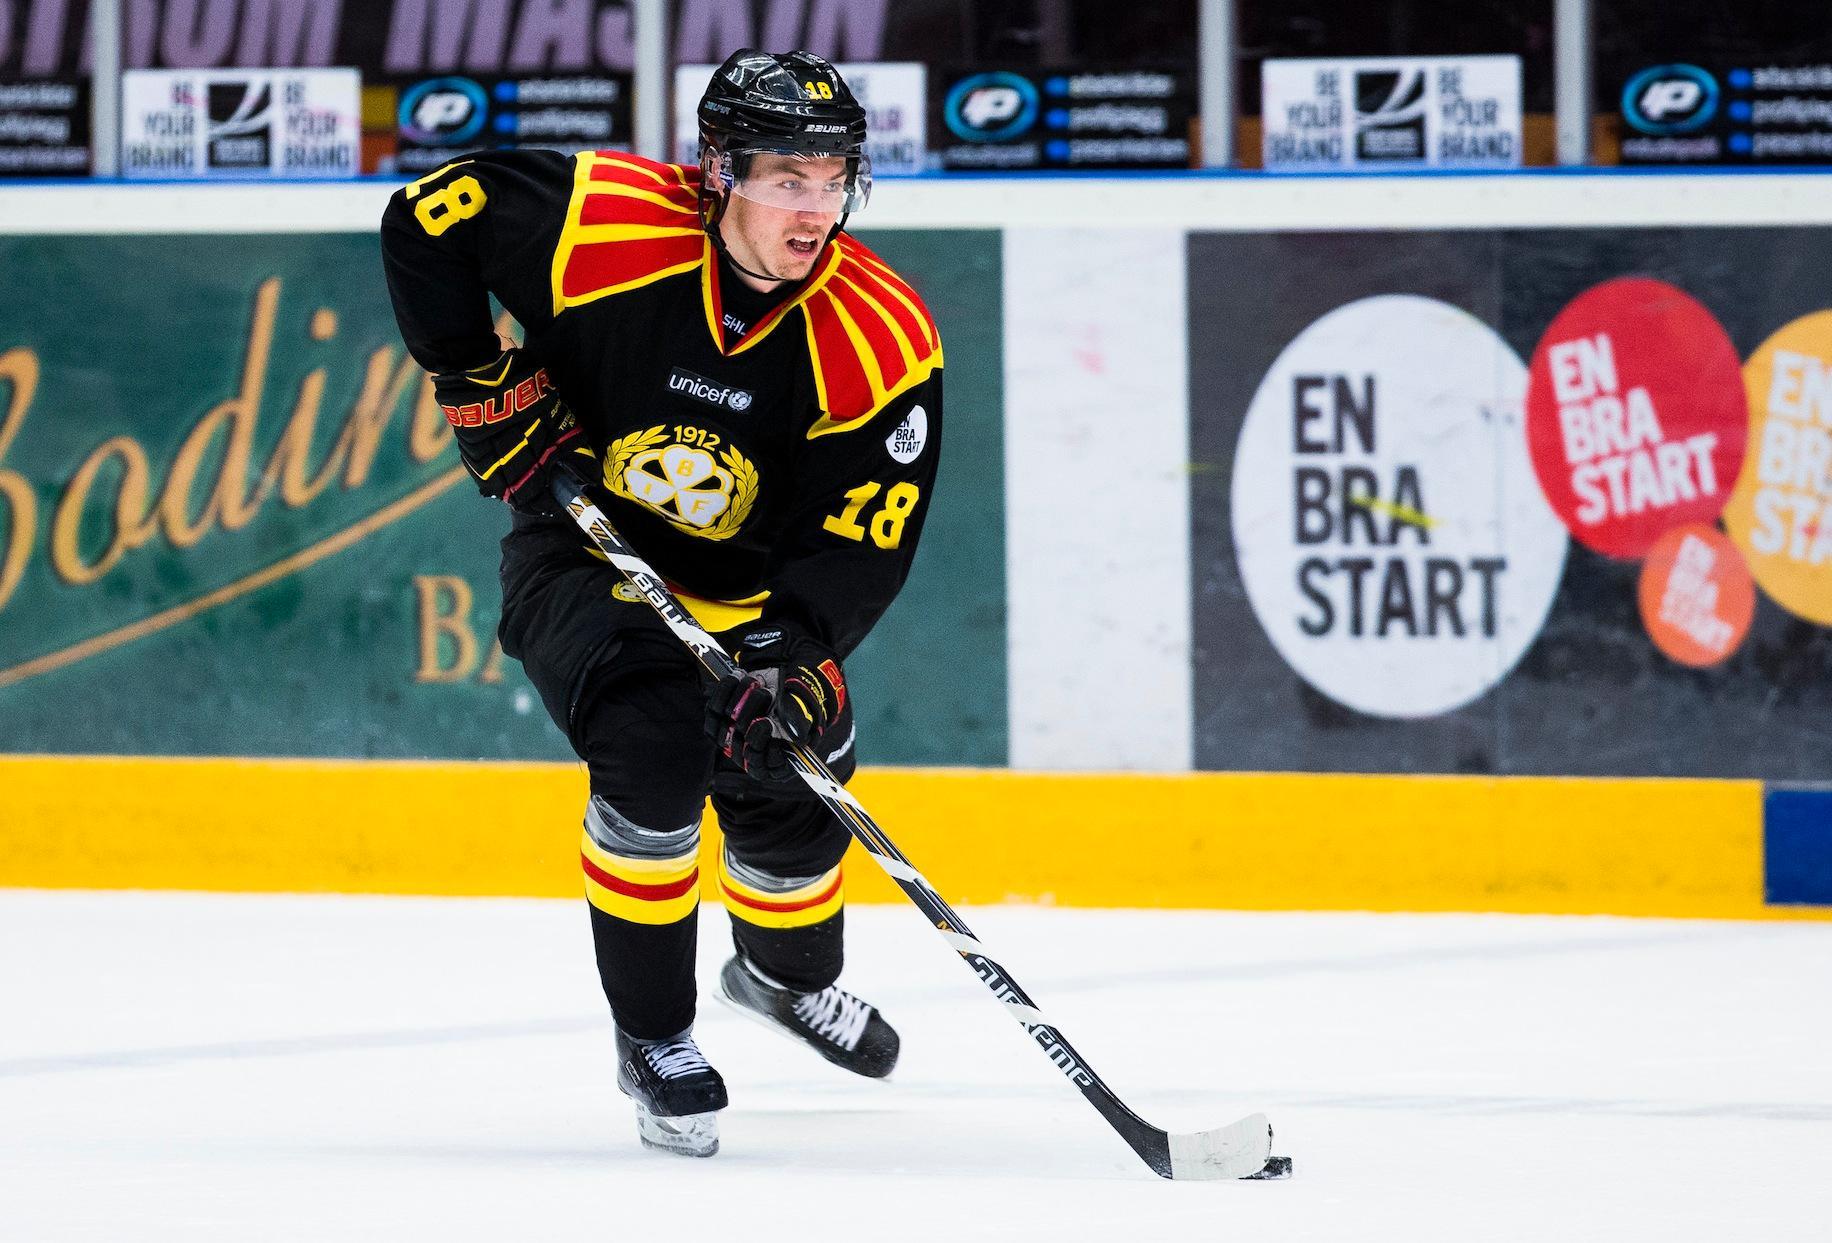 """Jagad """"Om han bestämmer att röra på sig kommer vi att engagera oss hårt"""", säger Luleås sportchef Lars Bergström om Anton Rödin."""